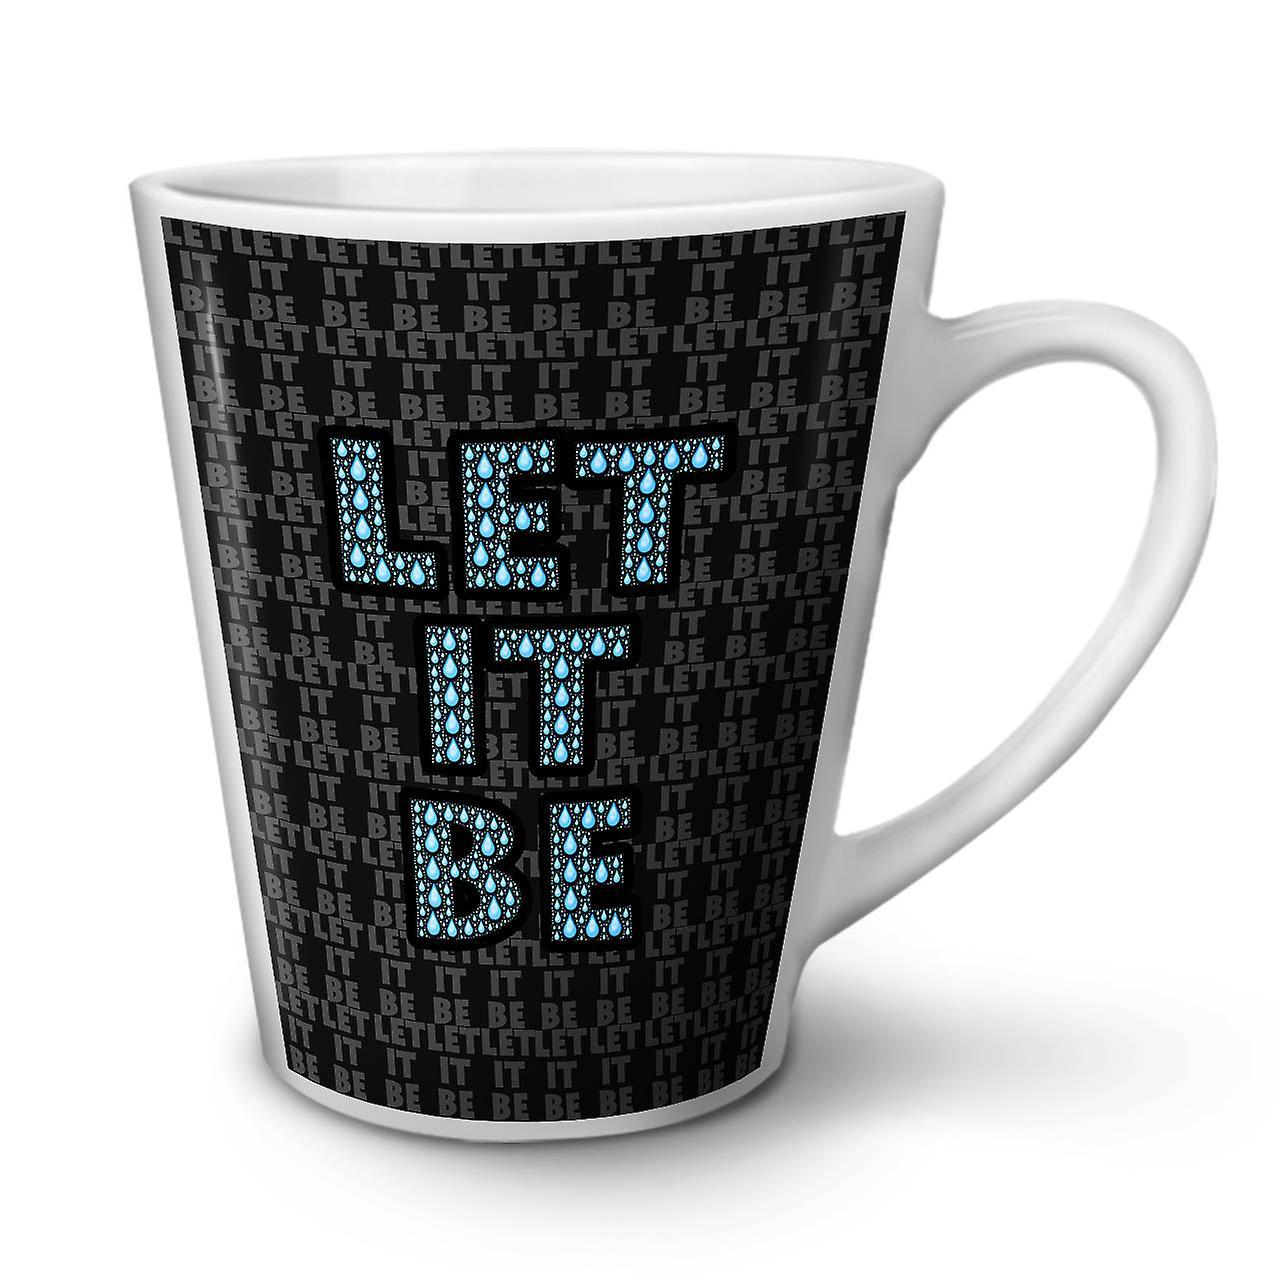 Slogan OzWellcoda En Céramique Blanche Latte Let Nouvelle Café 12 Devis It Tasse Be 3q54jALR